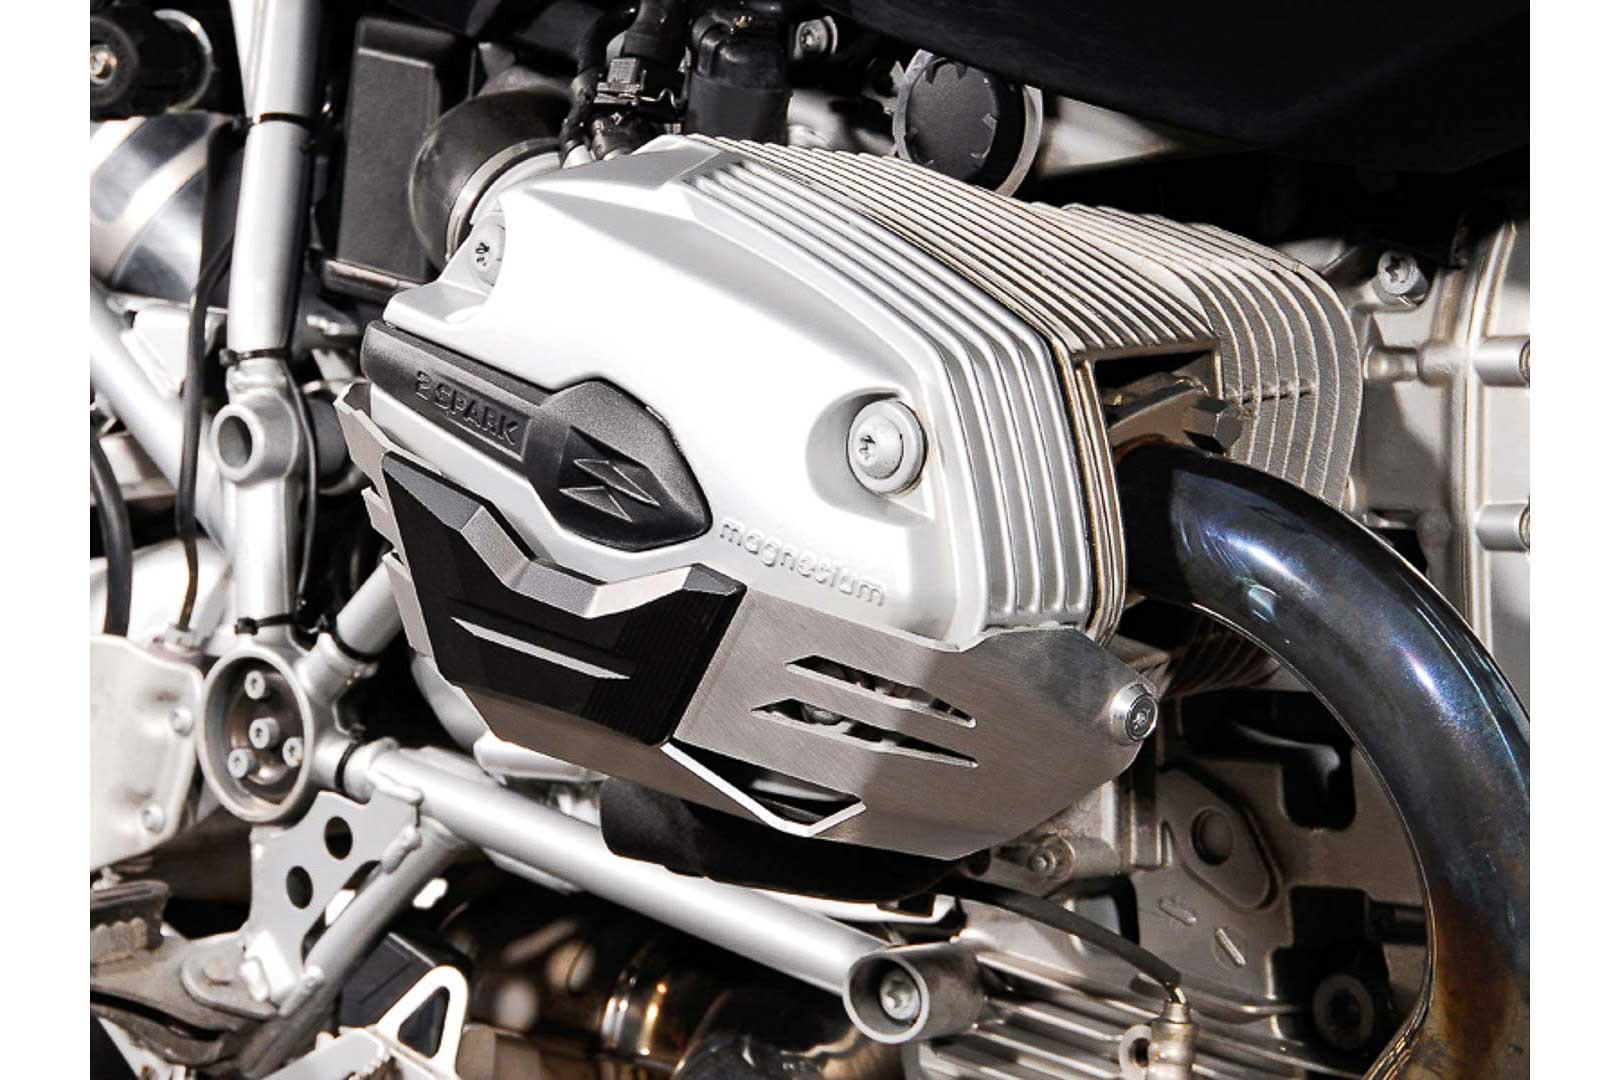 Sylinterinsuojasarja BMW R1200GS 08-09